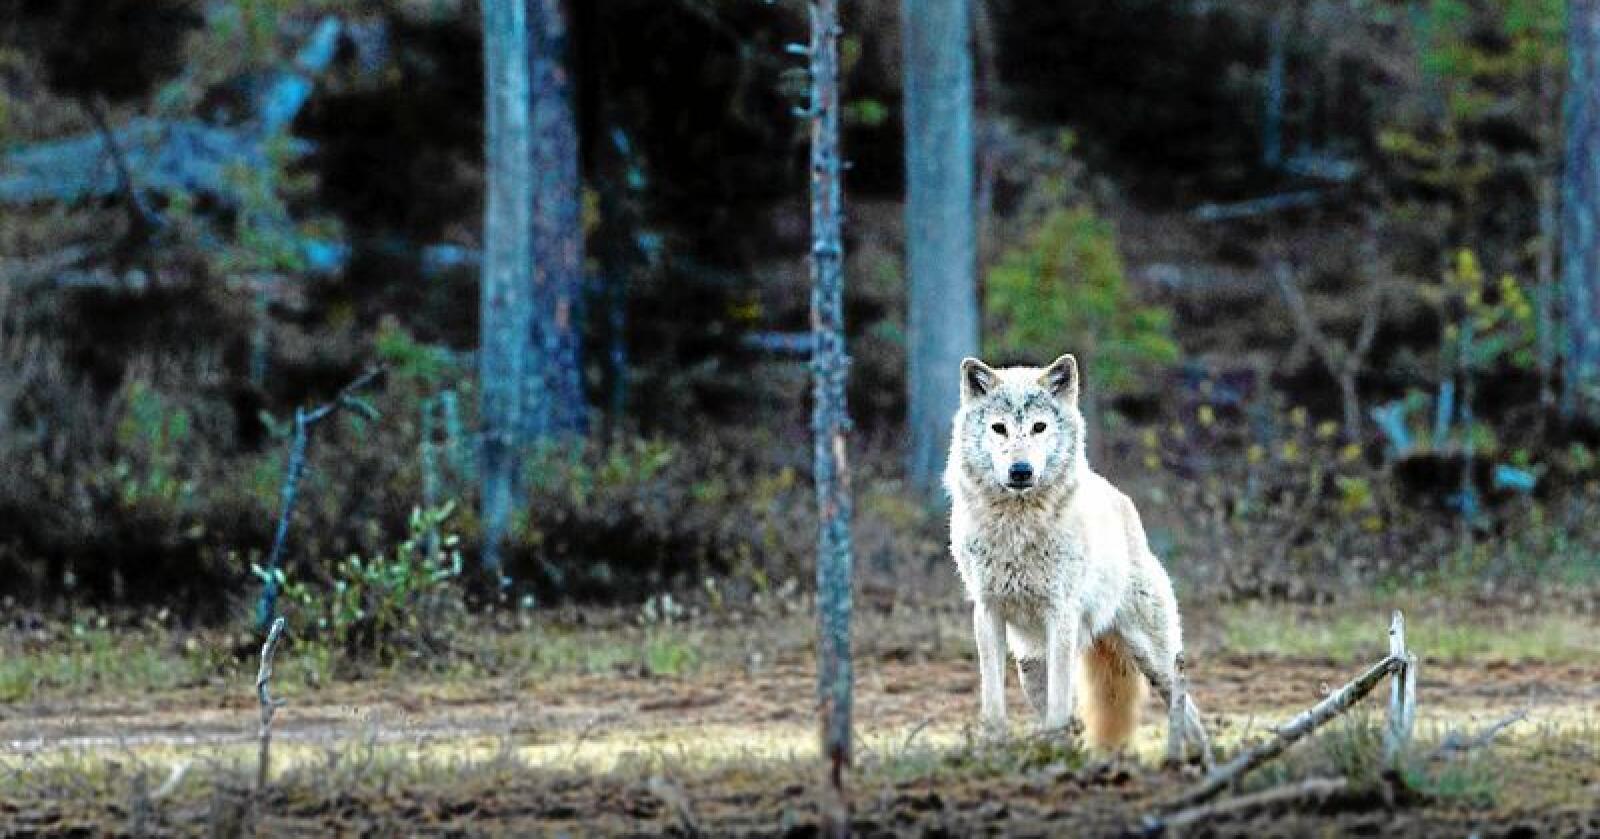 Tirsdag skal rovviltnemndene som forvalter områdene i Norge med mest ulv behandle klager på vedtaket om utvidet ulvejakt utenfor ulvesonen i Hedmark og Akershus. Foto: Per Harald Olsen/NTBU (CC BY 2.0)